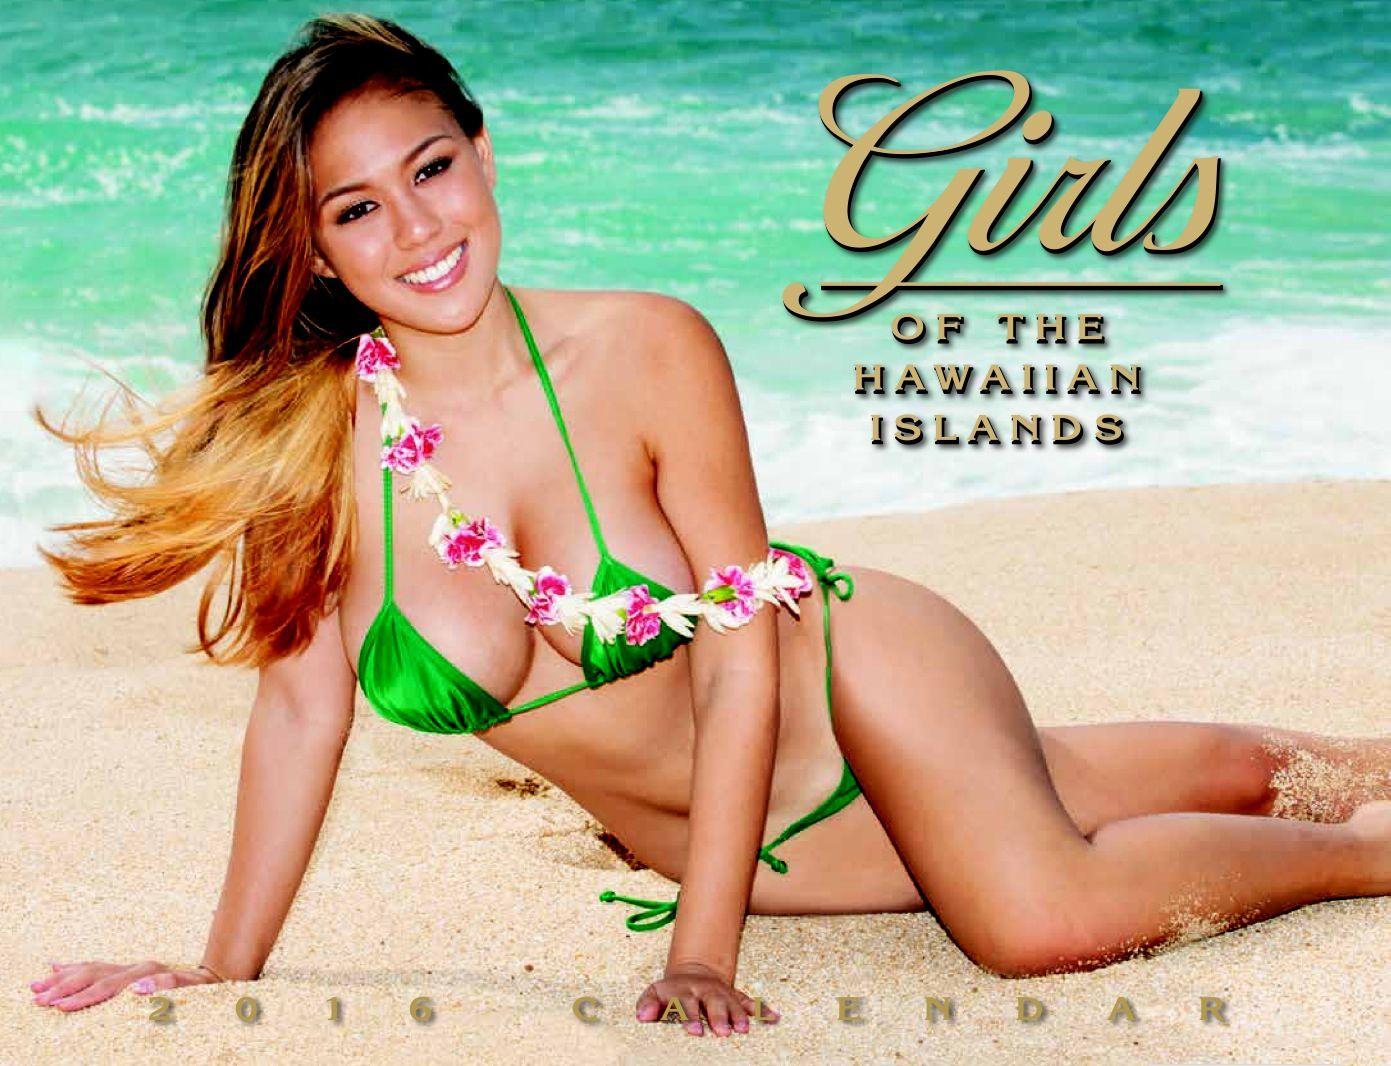 girls-of-hawaii-calendar